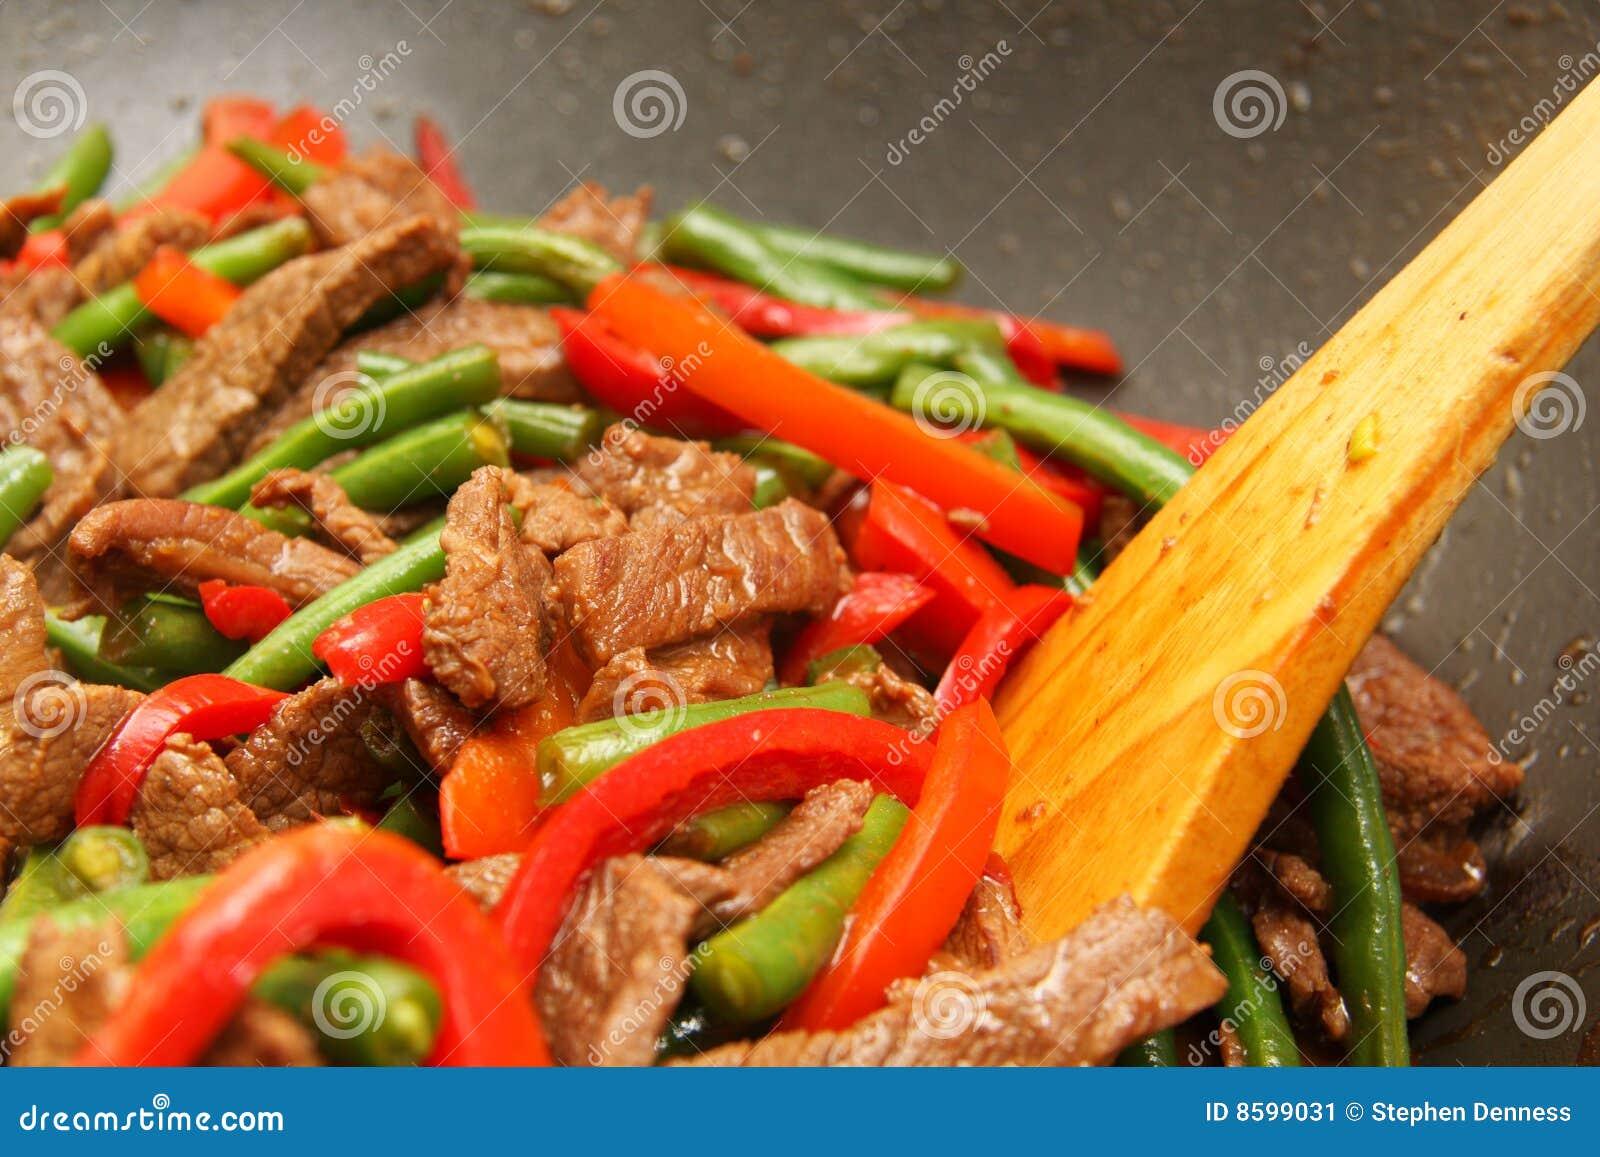 43023e72e1de Cooking Delicious Beef